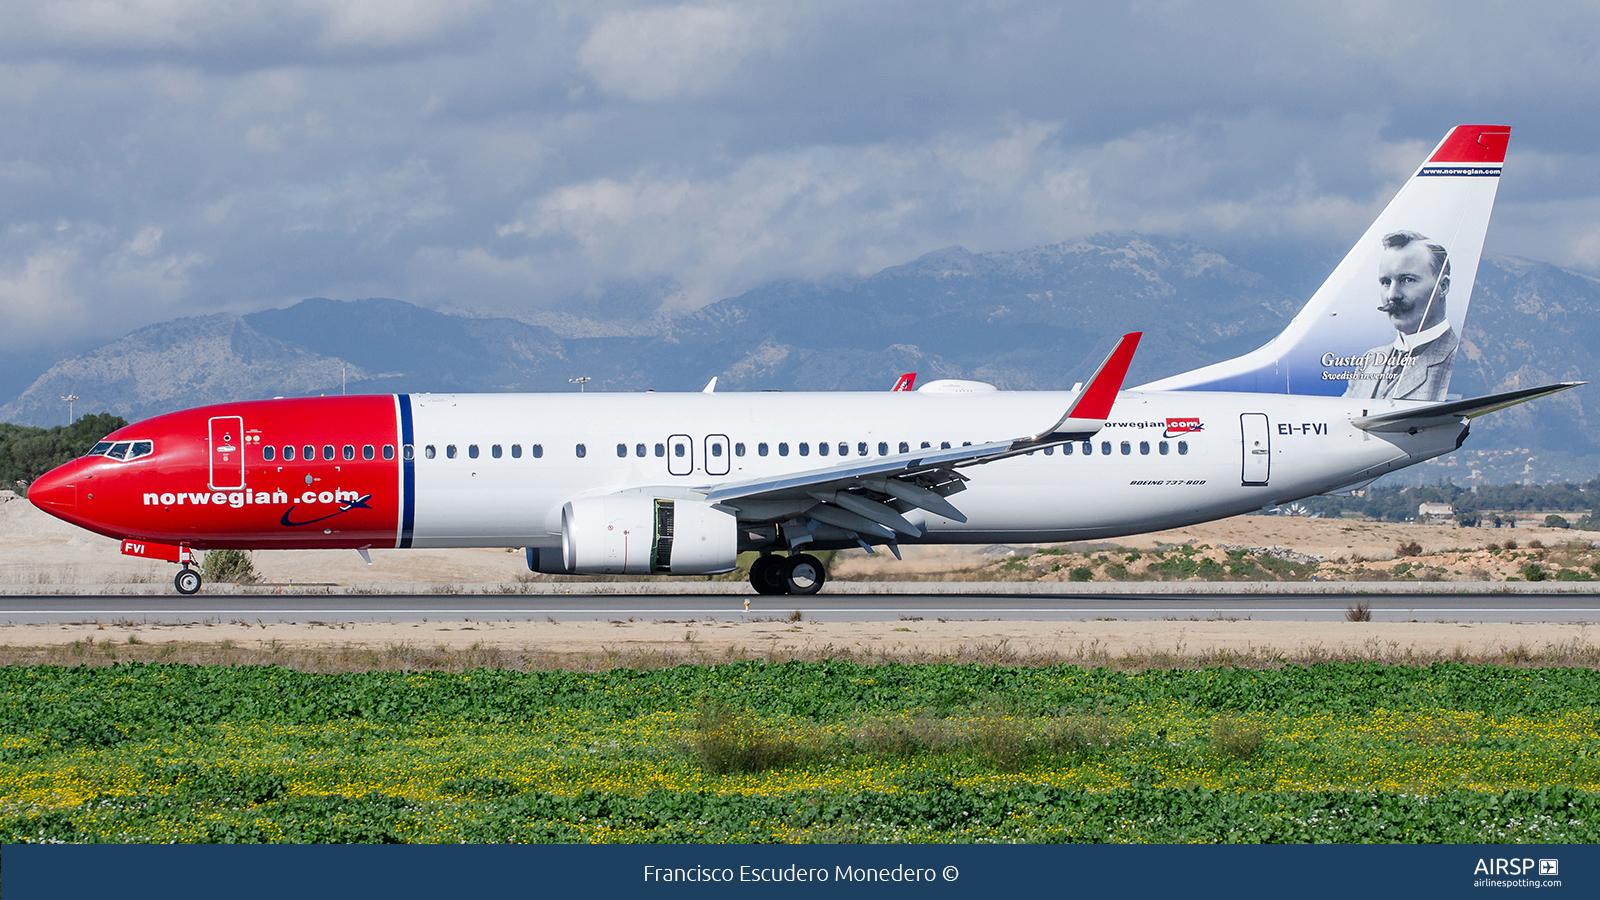 NorwegianBoeing 737-800EI-FVI